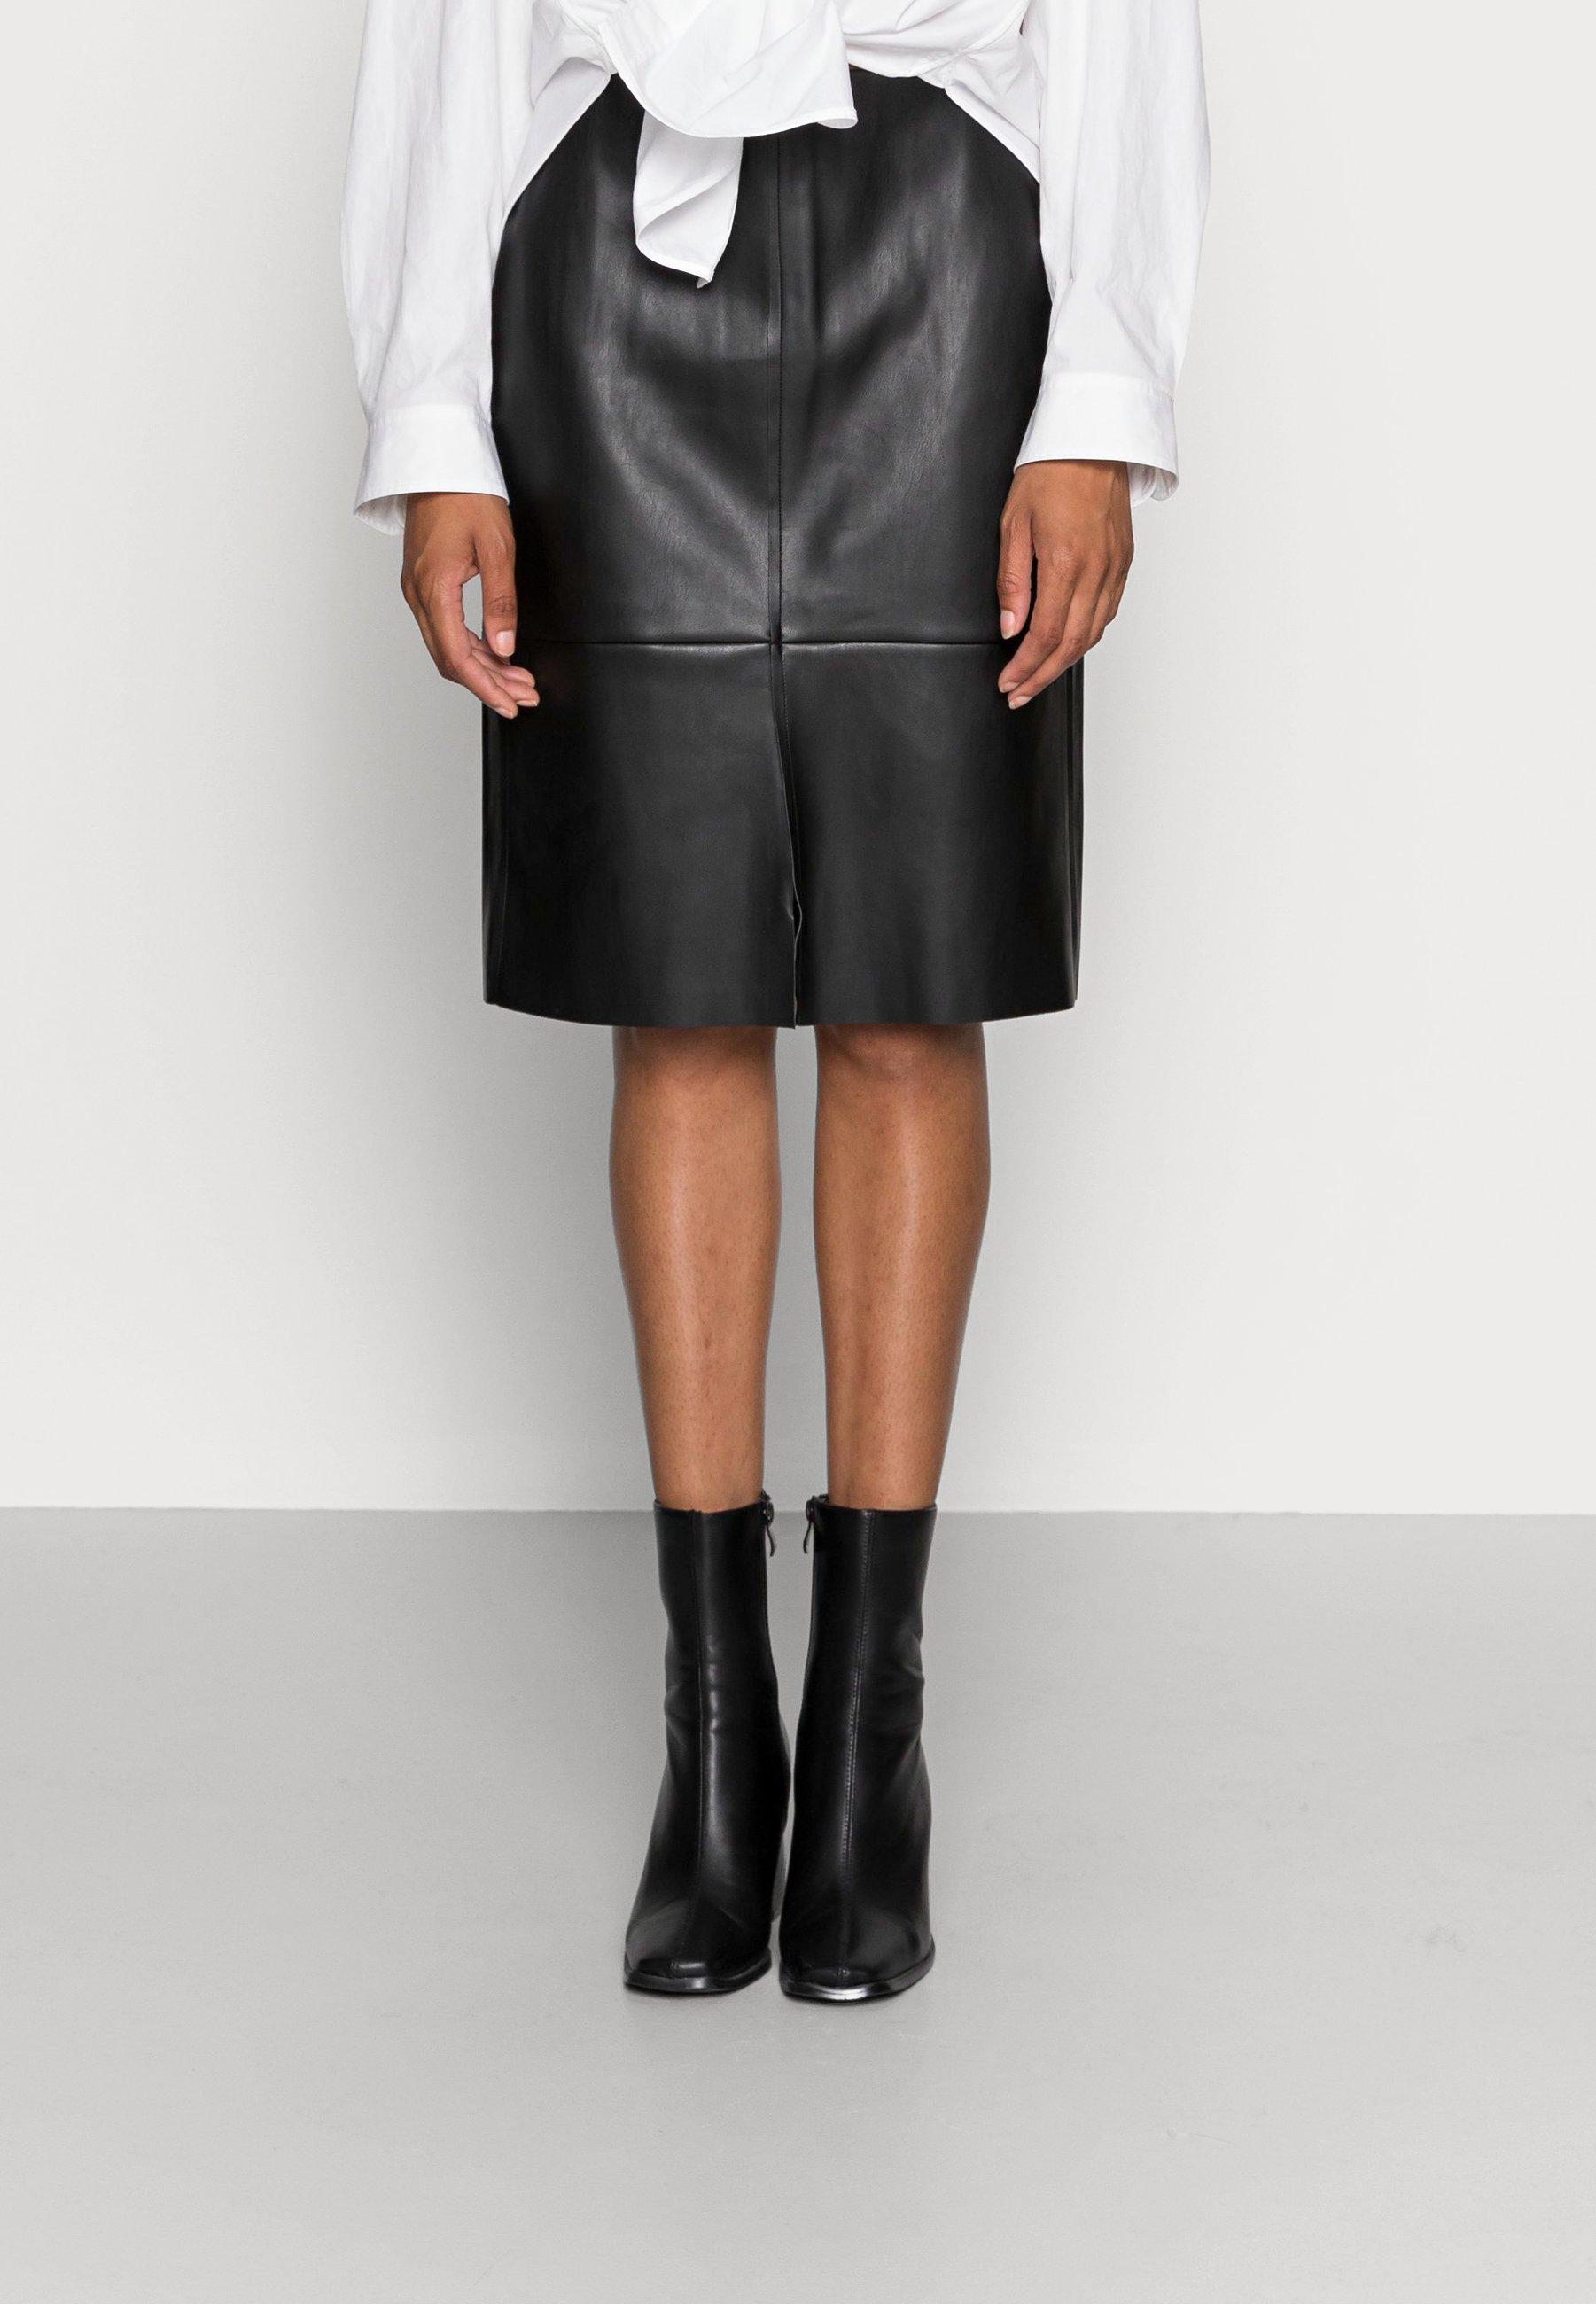 Femme SKIRT VICTORIA - Jupe en cuir